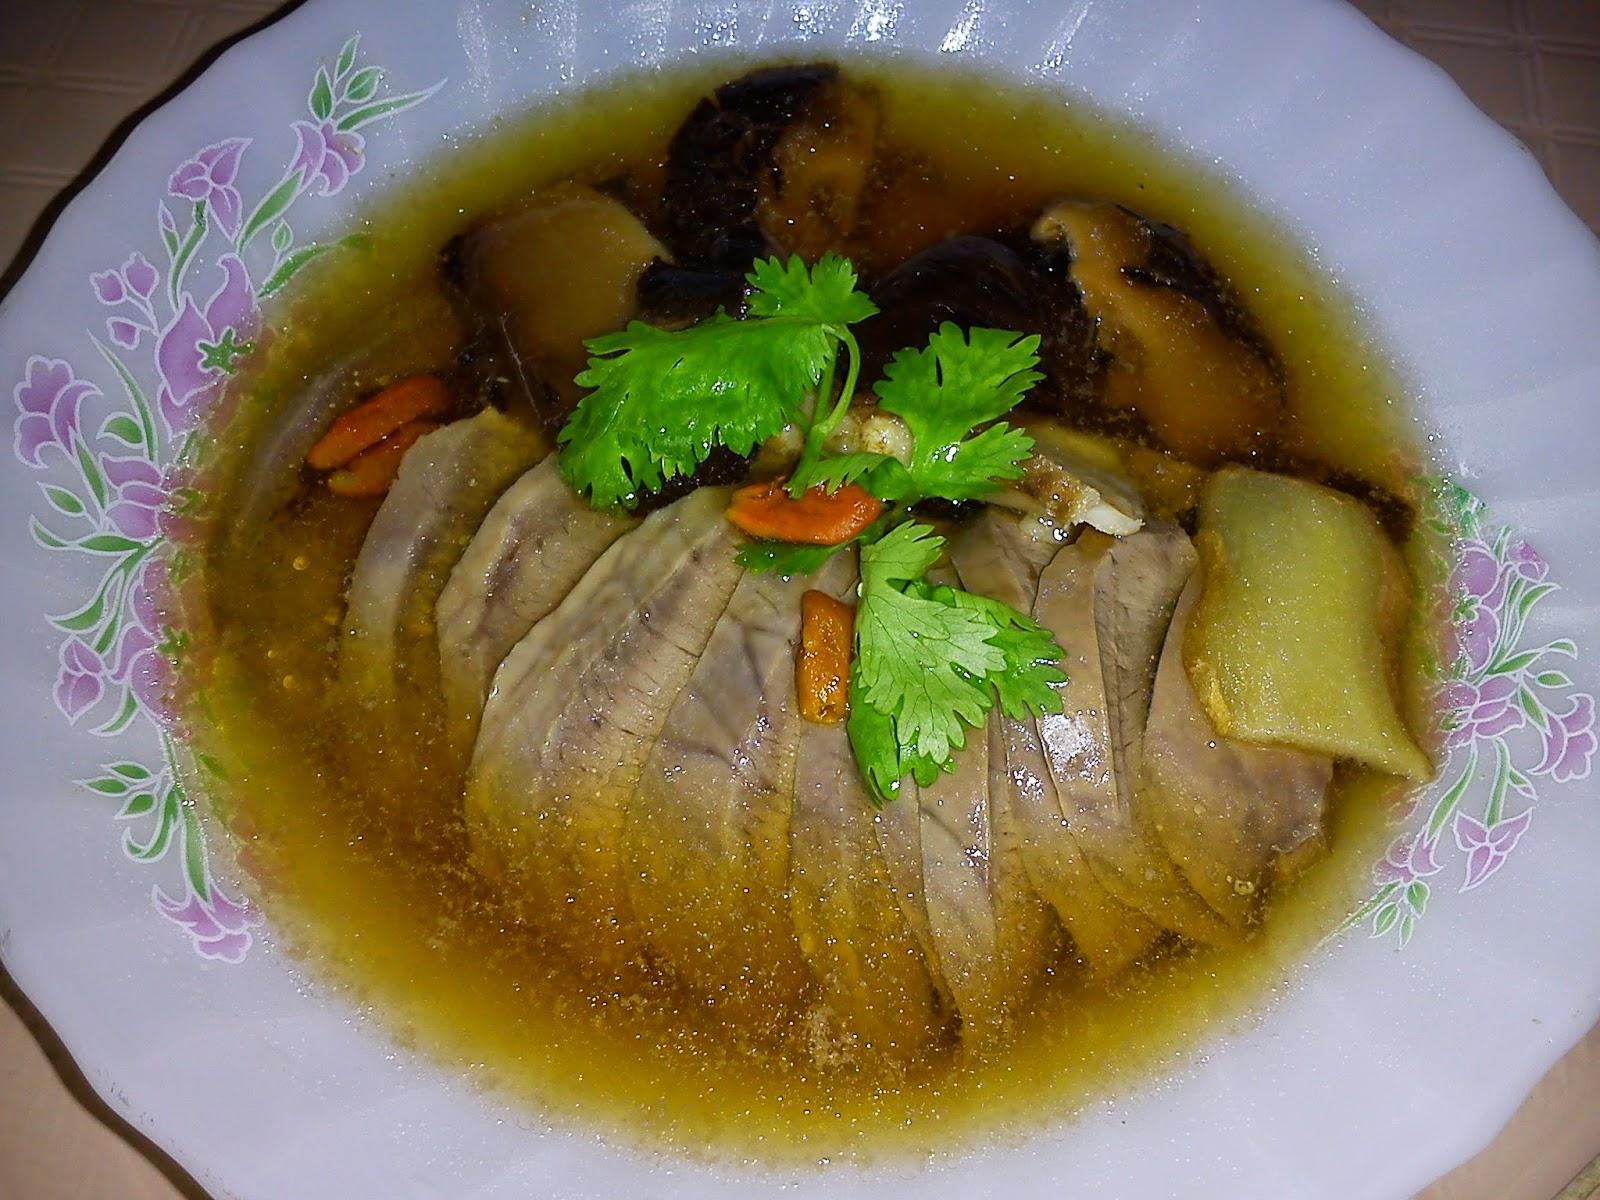 Dong quai soup